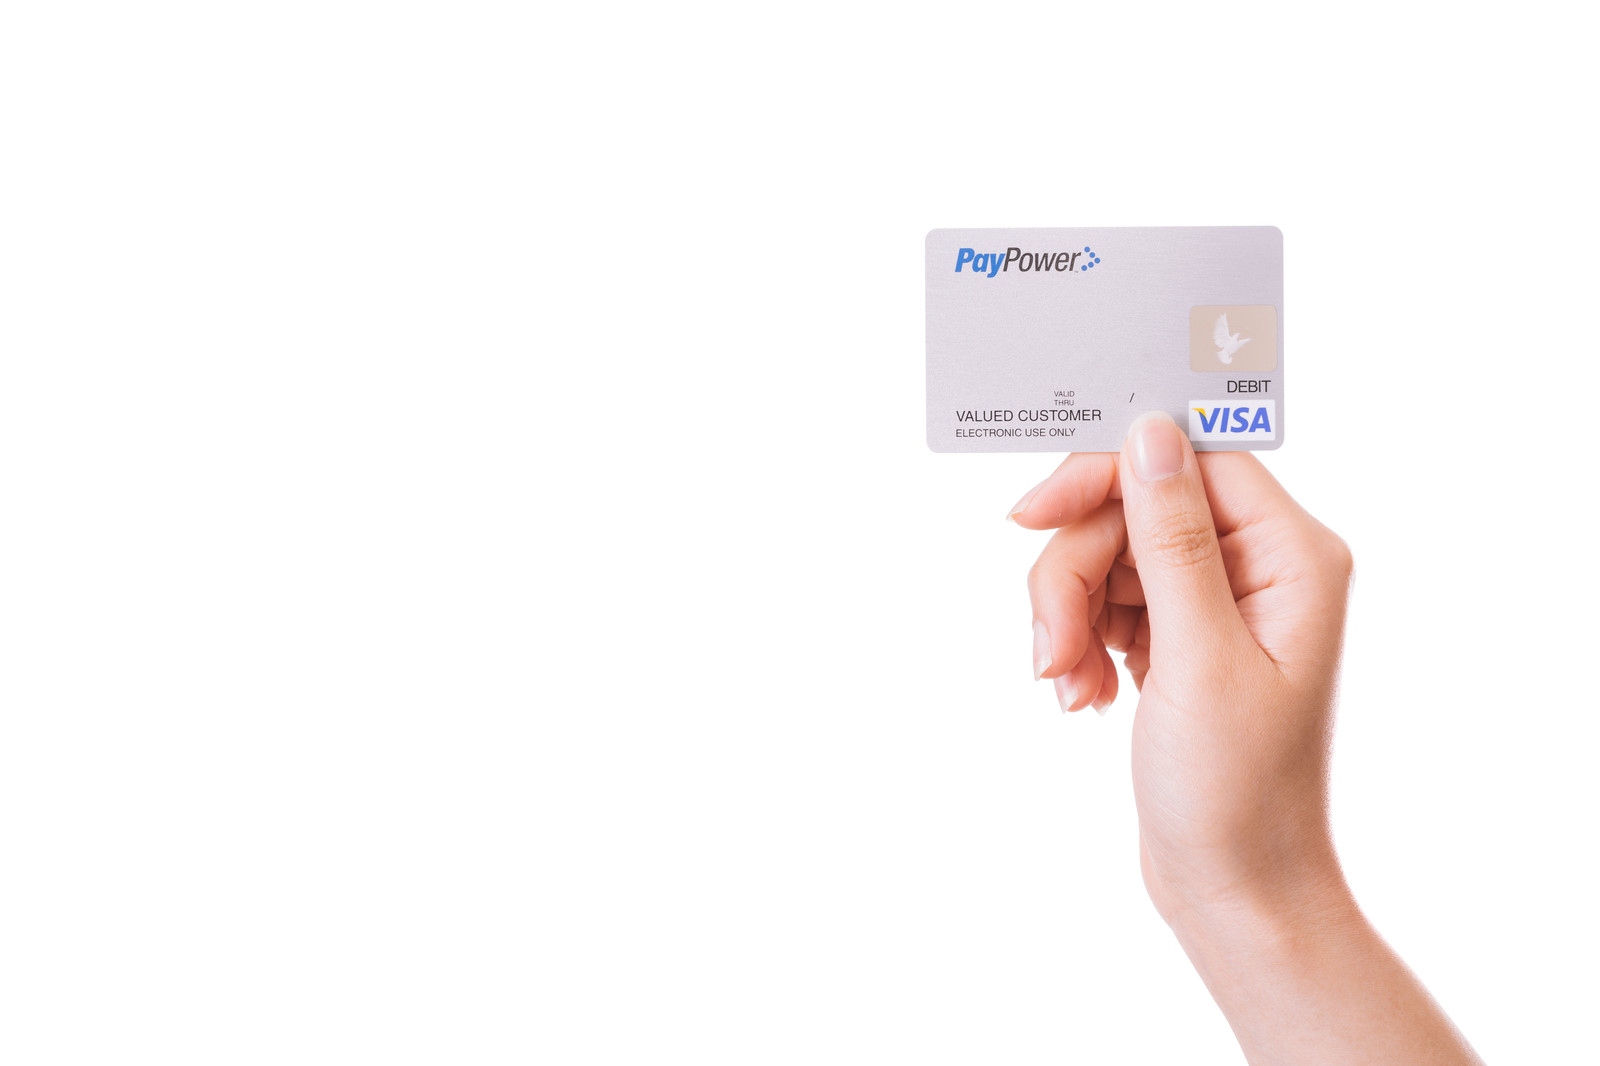 「クレジットカードを持った手クレジットカードを持った手」のフリー写真素材を拡大